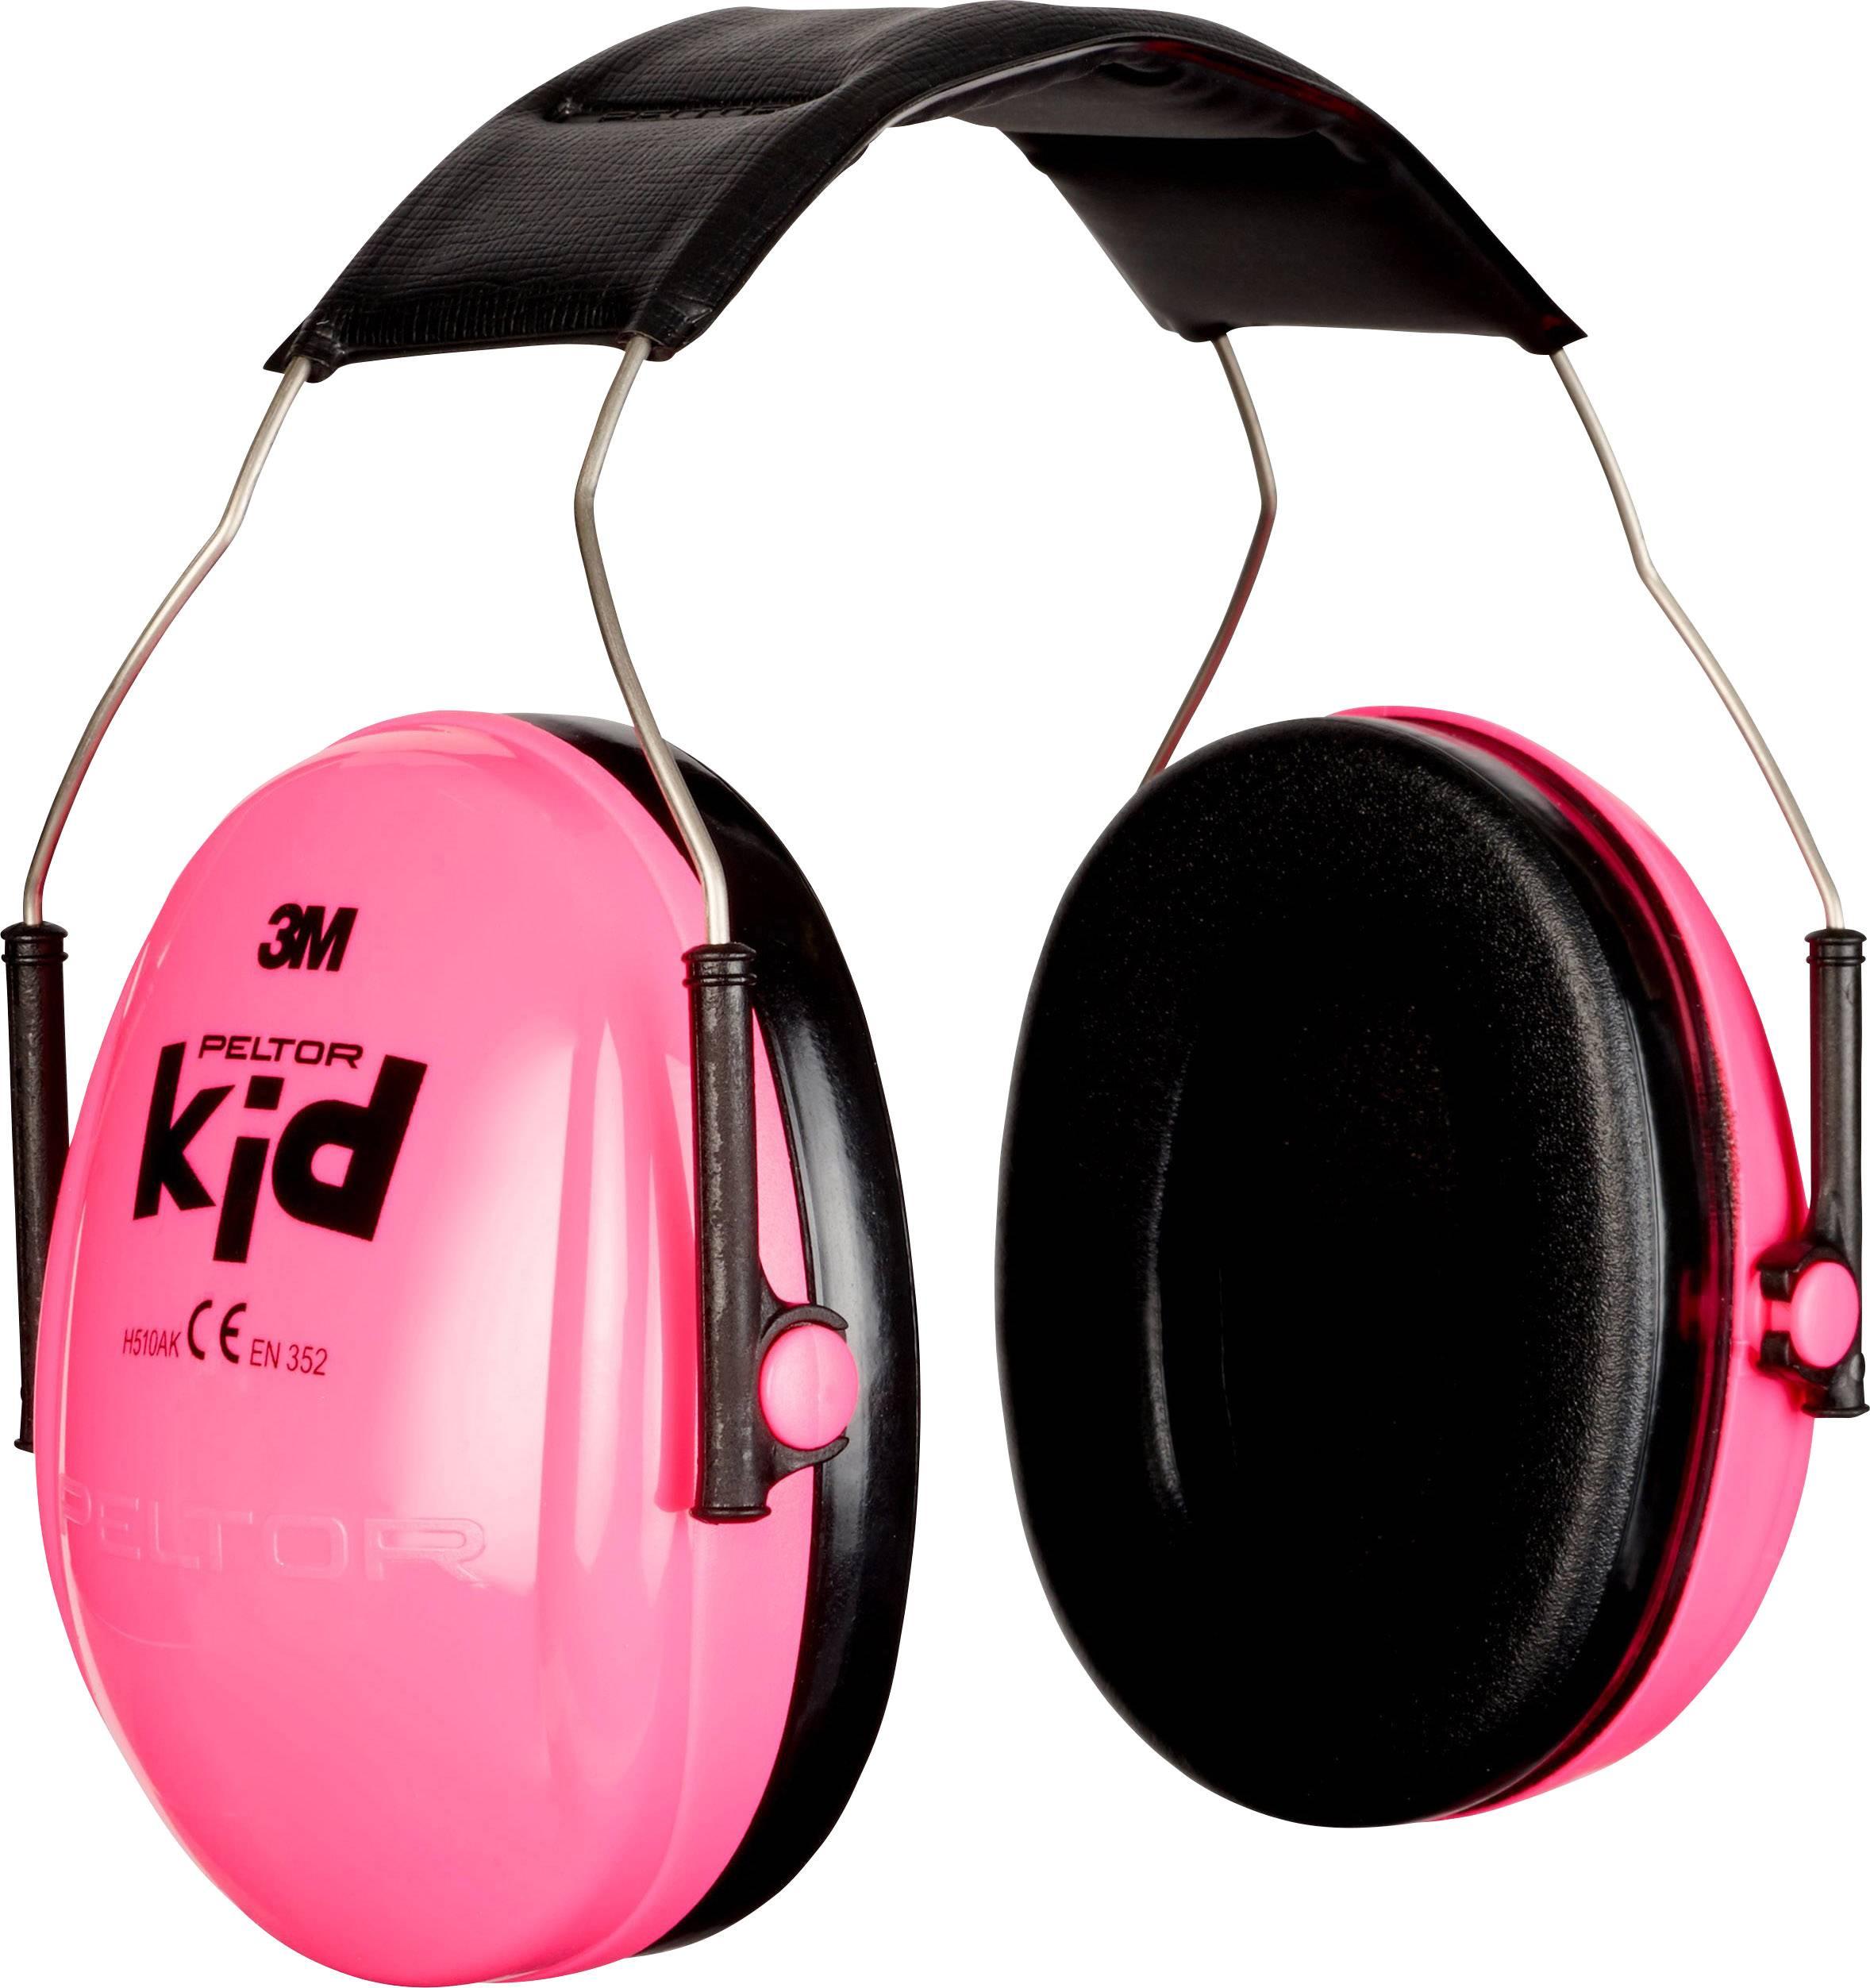 Mušľový chránič sluchu Peltor Kid KIDR, 27 dB, 1 ks